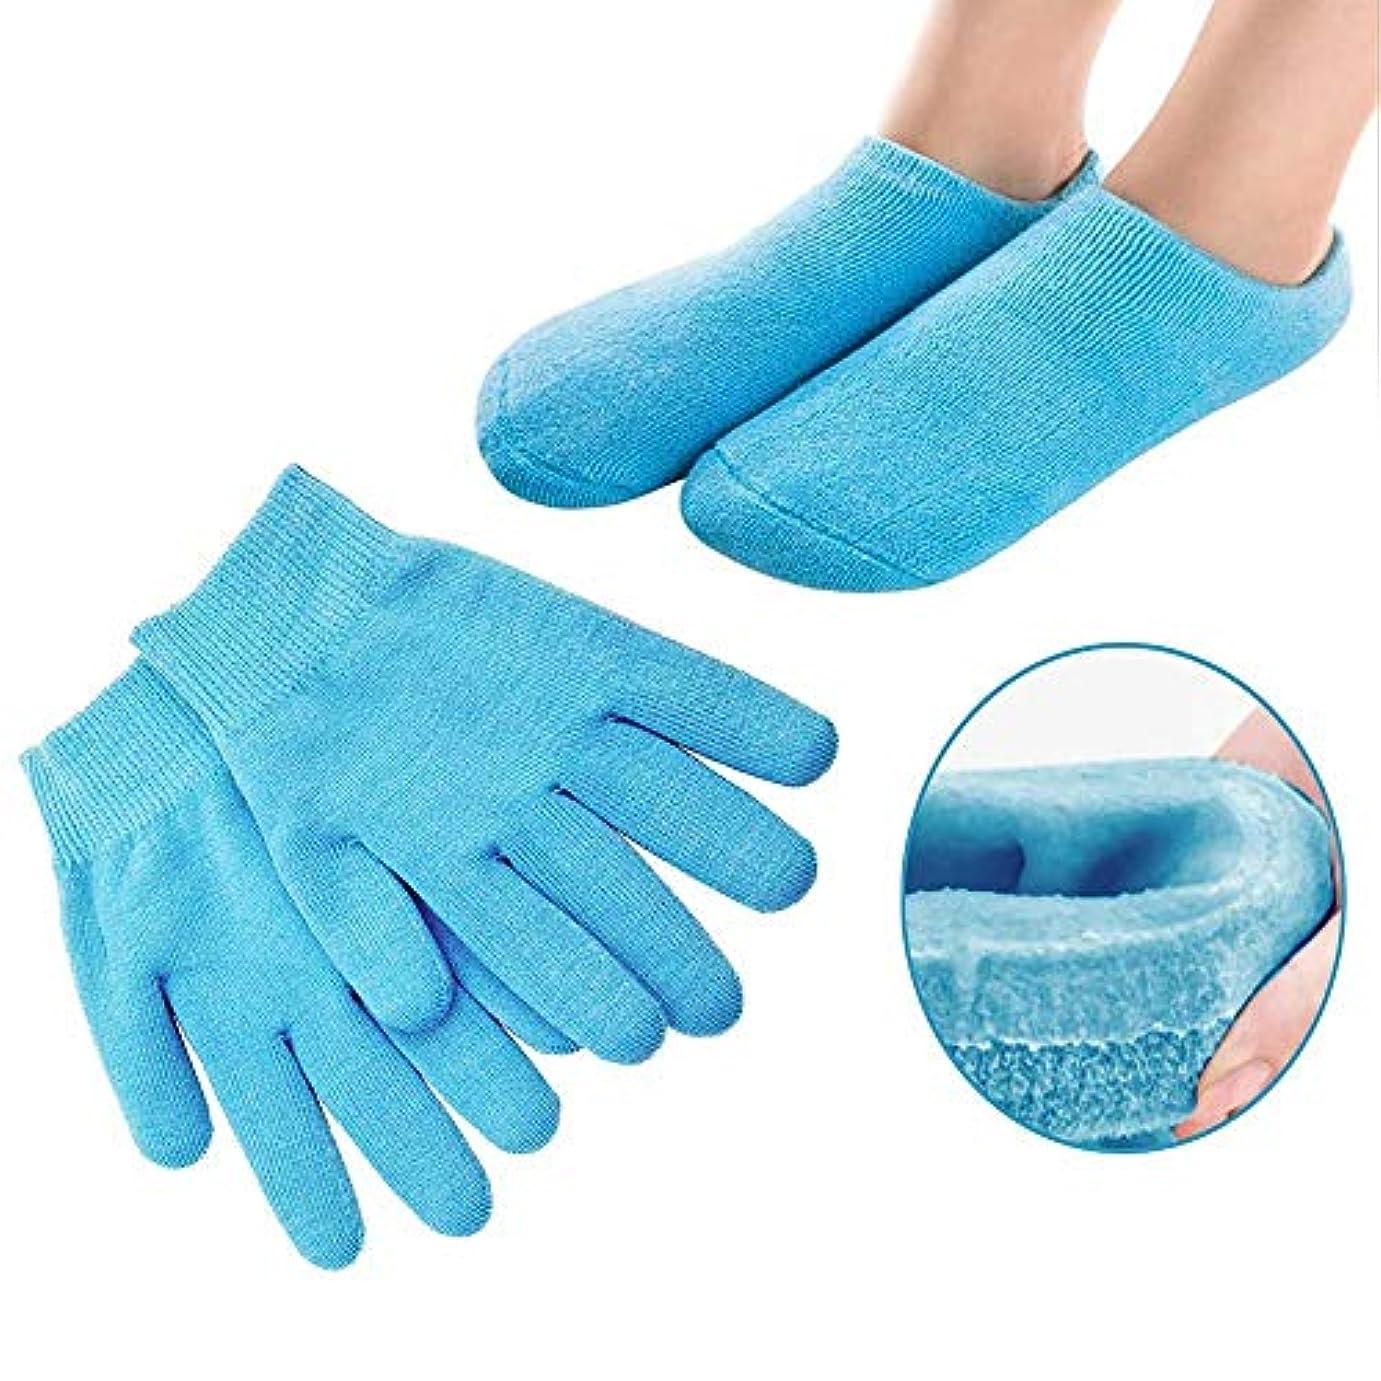 フルート分離する巻き取りPinkiou 眠る森のSPAジェルグローブ+SPAジェルソックス 手アグローブ フットケアソックス 角質取り 保湿 かかとケア オープントゥ 素肌美人 靴下と手袋セット いいお肌になりましょう(ブルー)